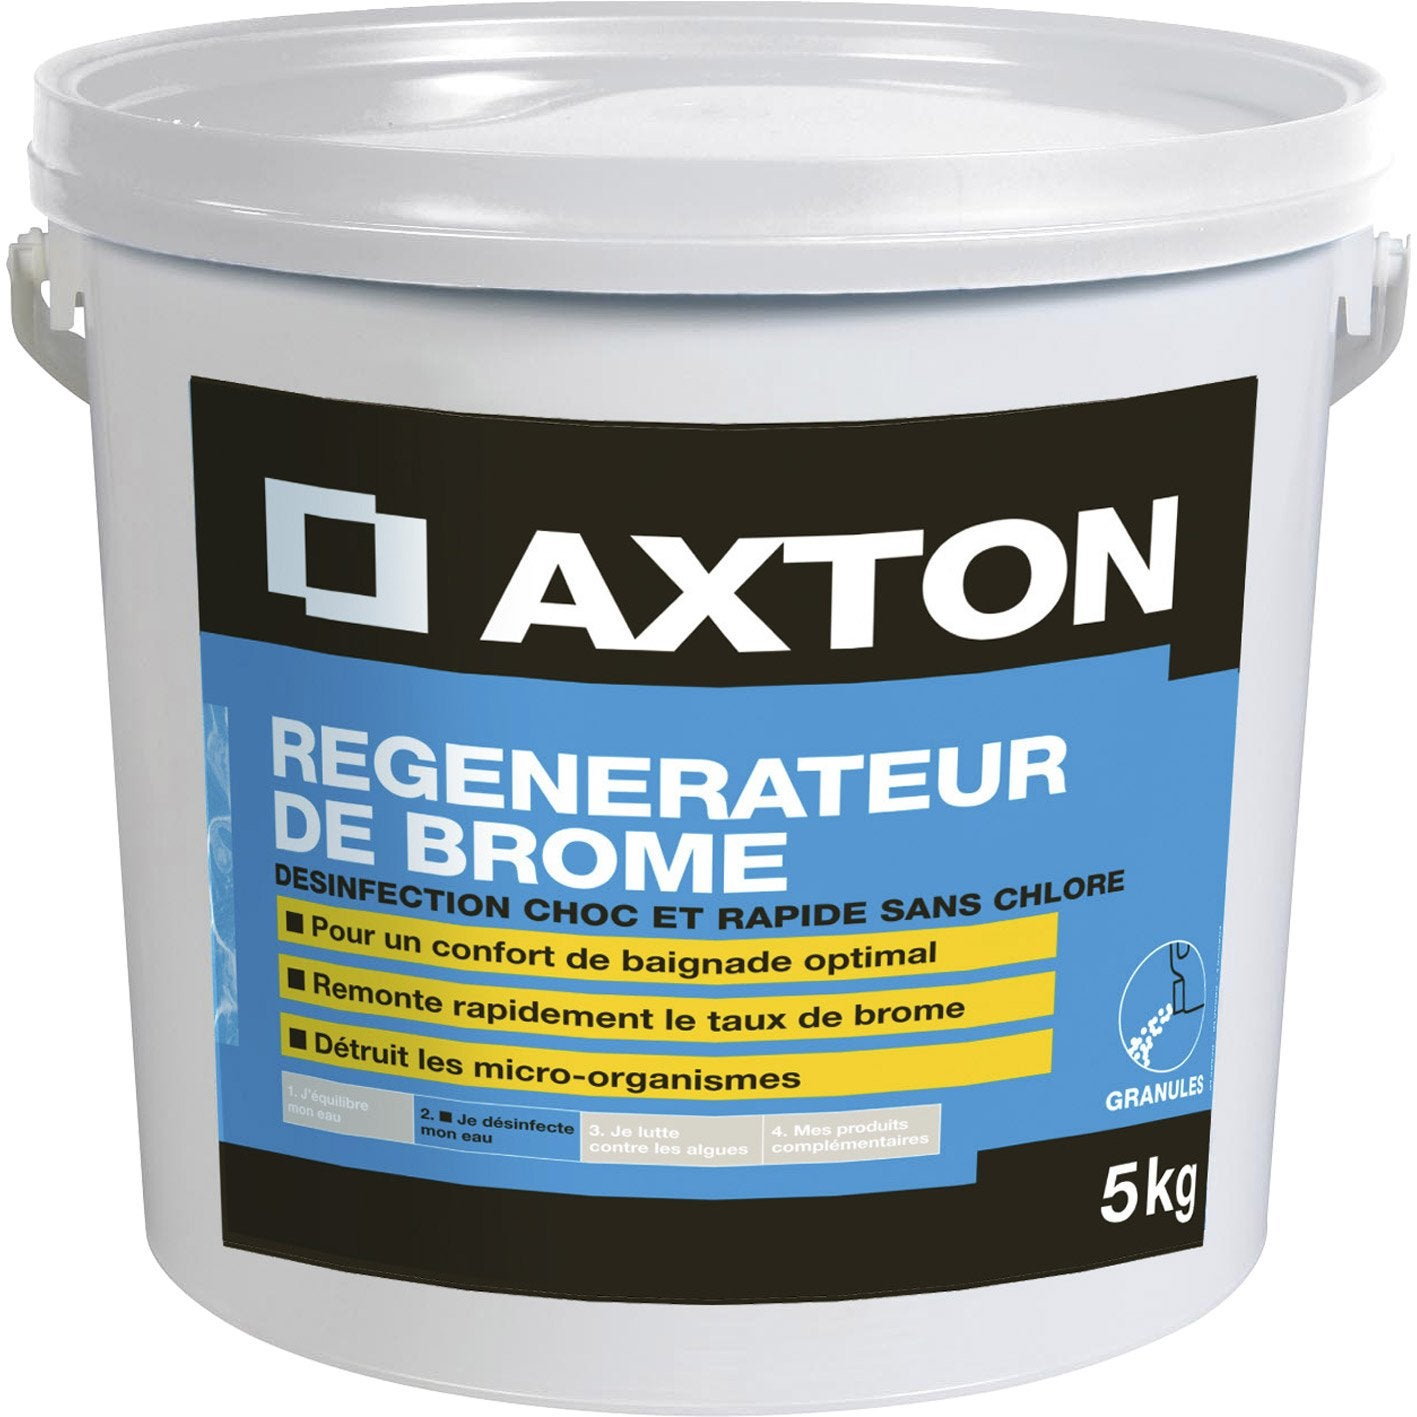 R g n rateur de brome pour piscine axton 5 kg leroy merlin for Brome pour piscine